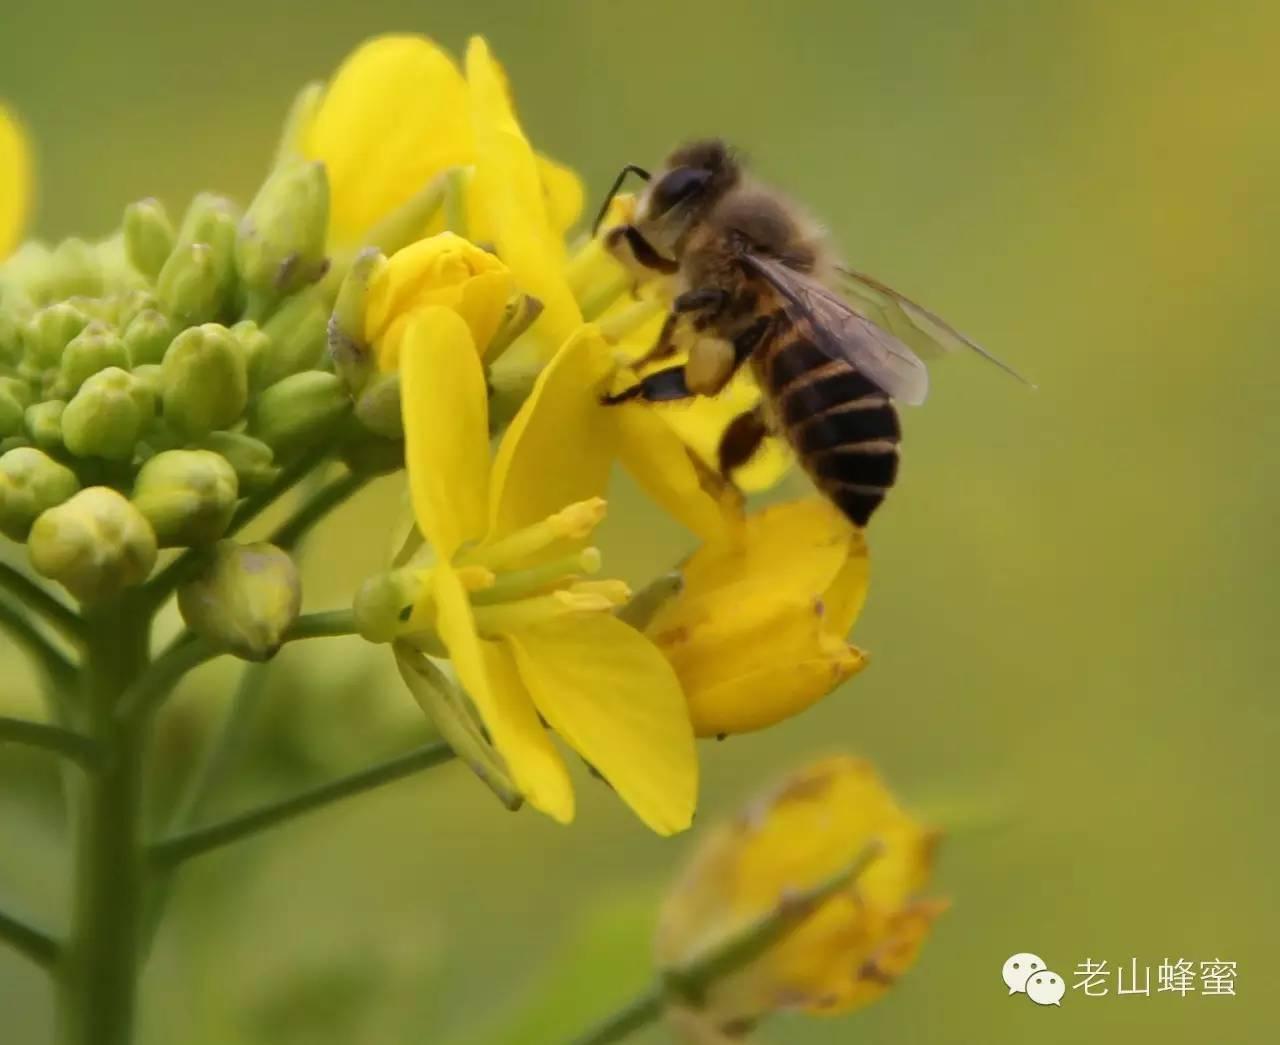 什么蜂蜜做面膜好 空腹喝蜂蜜水好吗 蜂蜜加醋 心血管 油菜蜂蜜